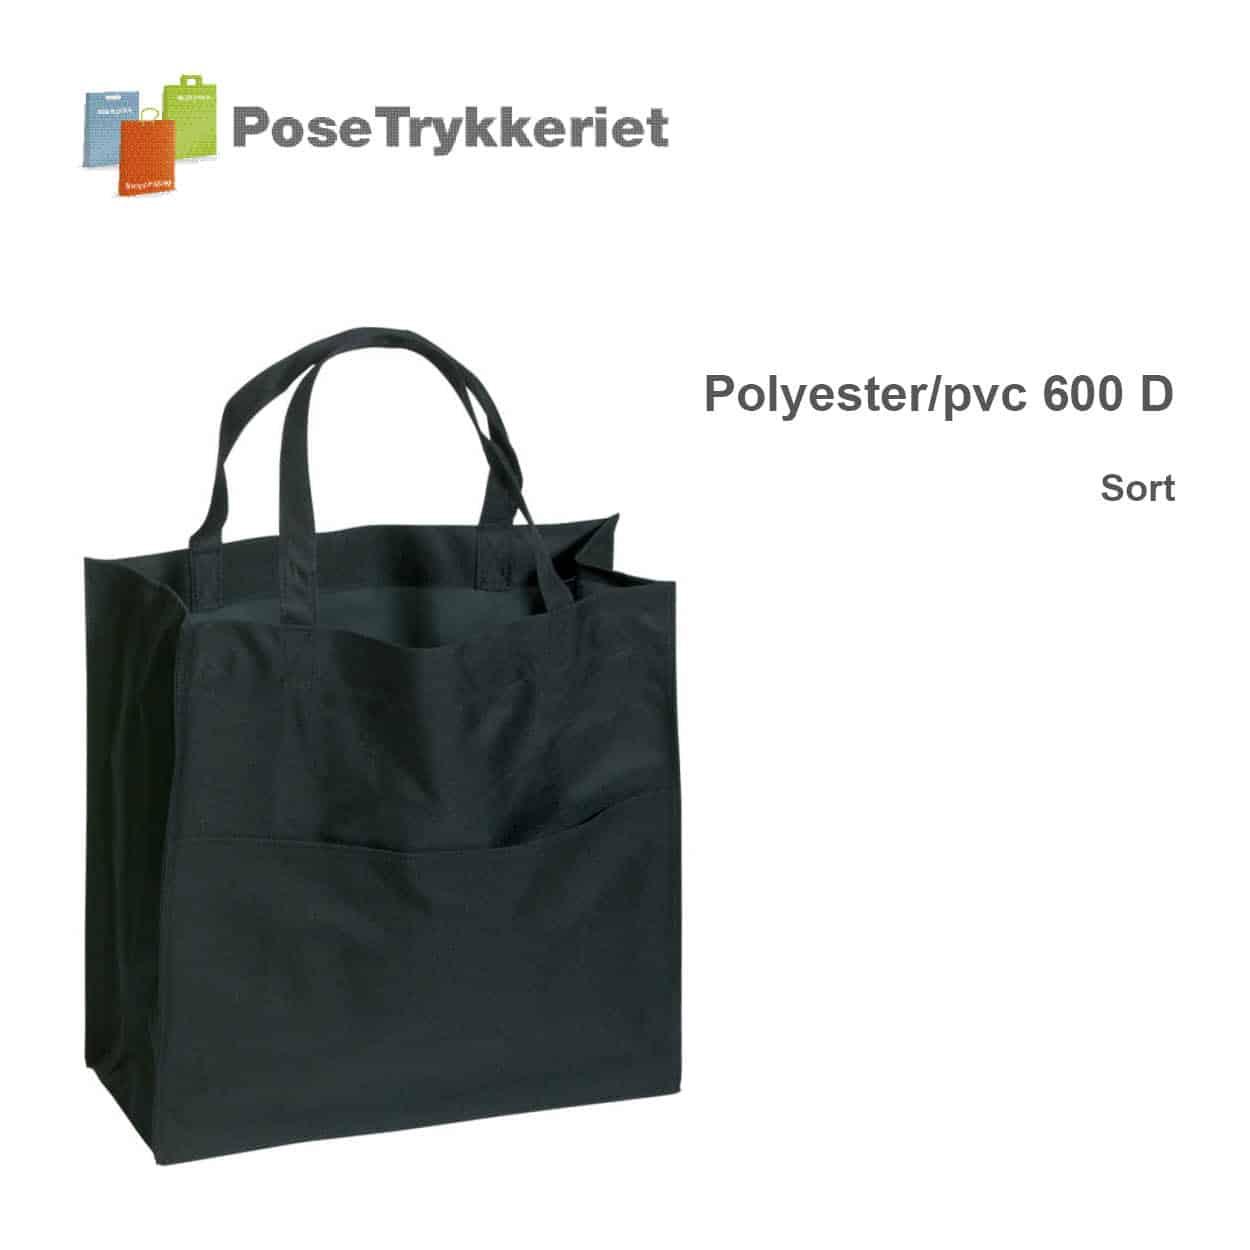 Revisor poser polyester 600 D. Sort. PoseTrykkeriet.dk